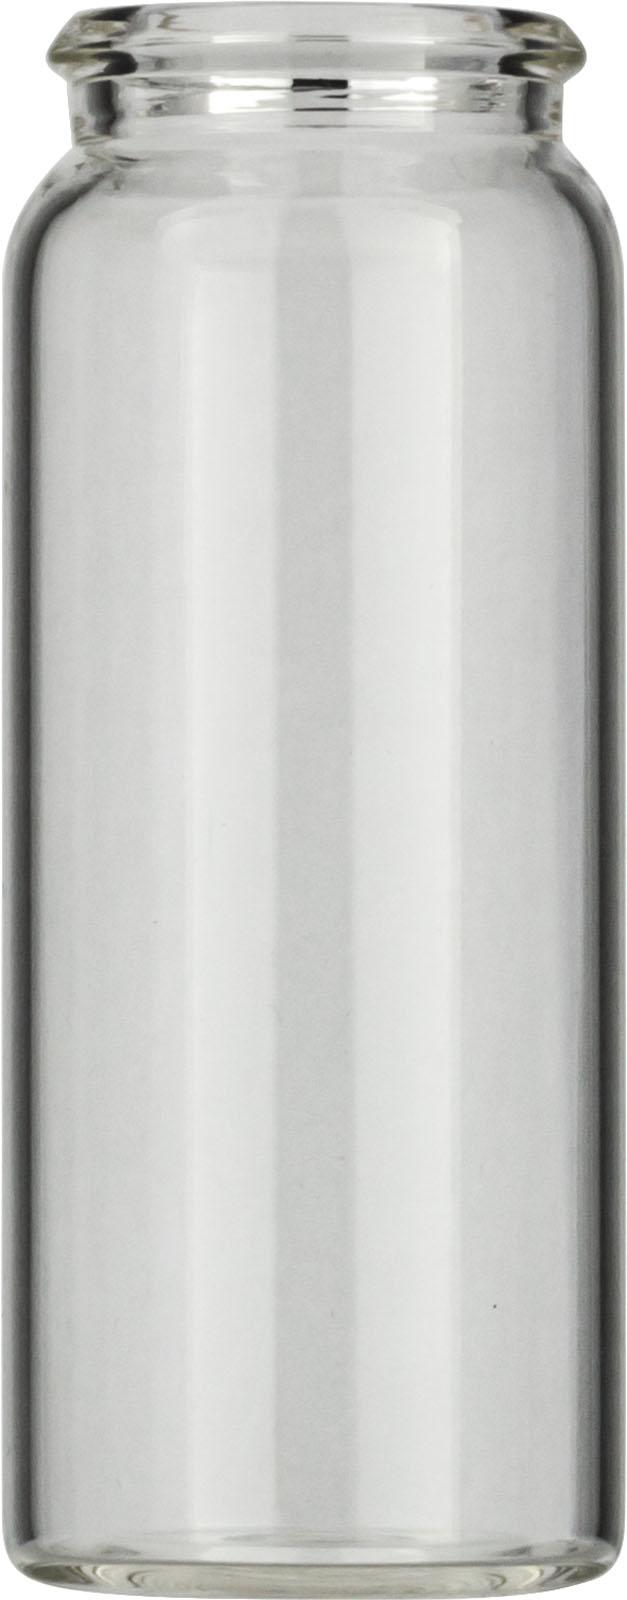 Vial N22-25, SD, k, 26x65, flach